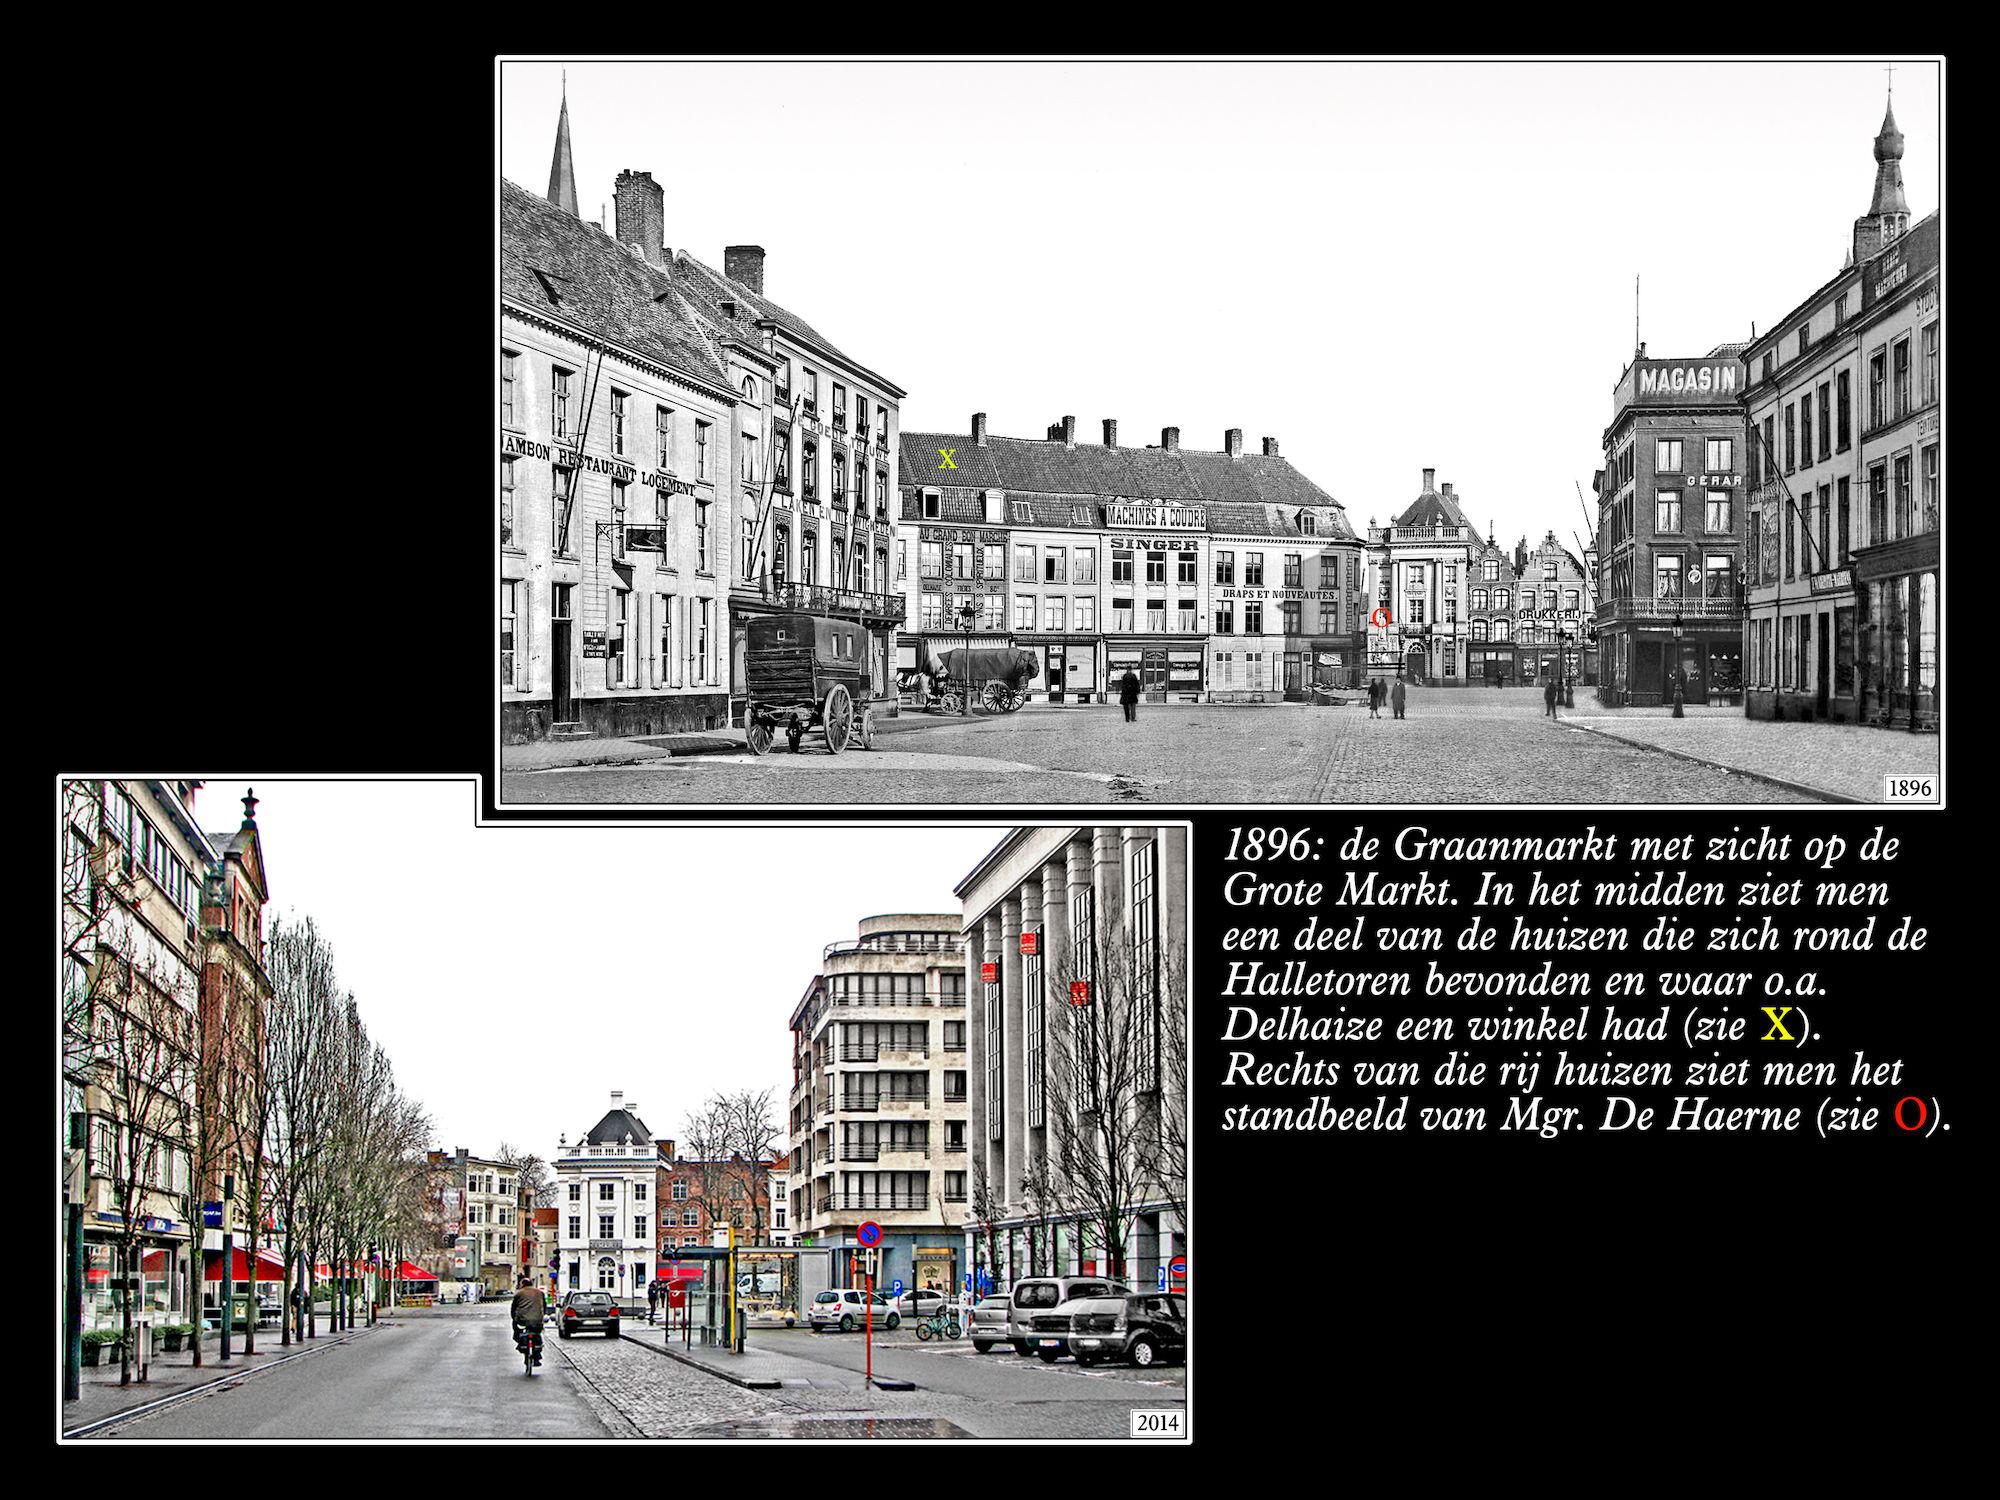 Graanmarkt 1896 en 2014